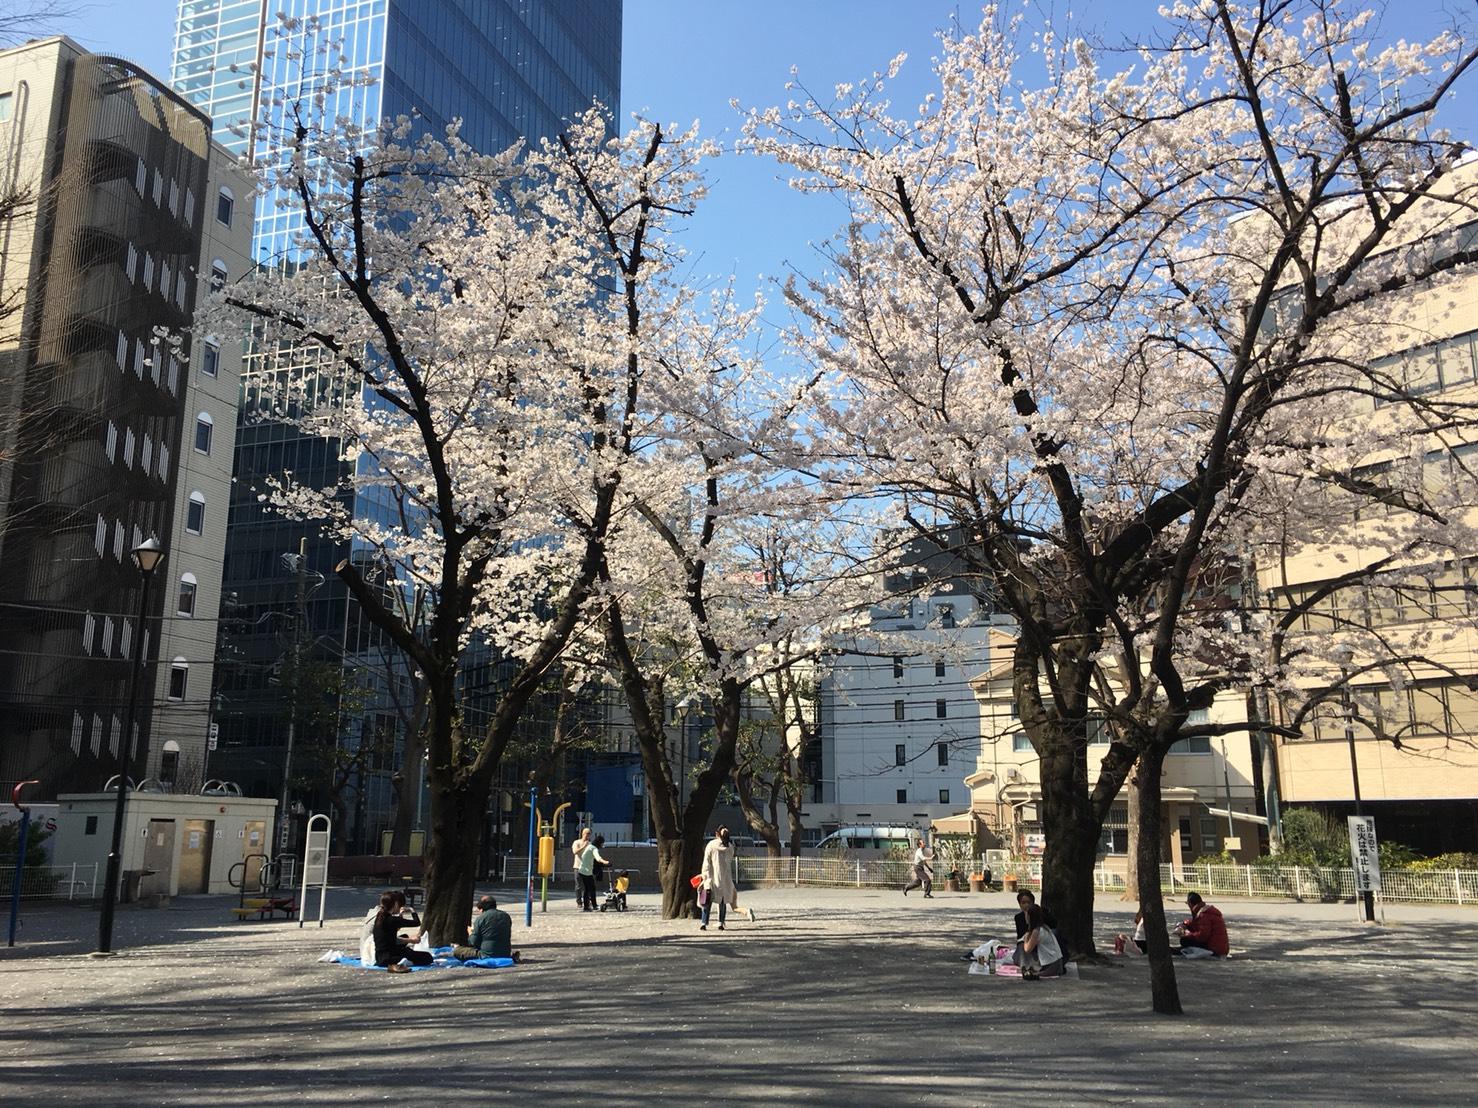 【池袋駅】春爛漫!公園まわって桜を見に行こう!池袋東口の満開公園お花見散歩コース。の東池袋公園2